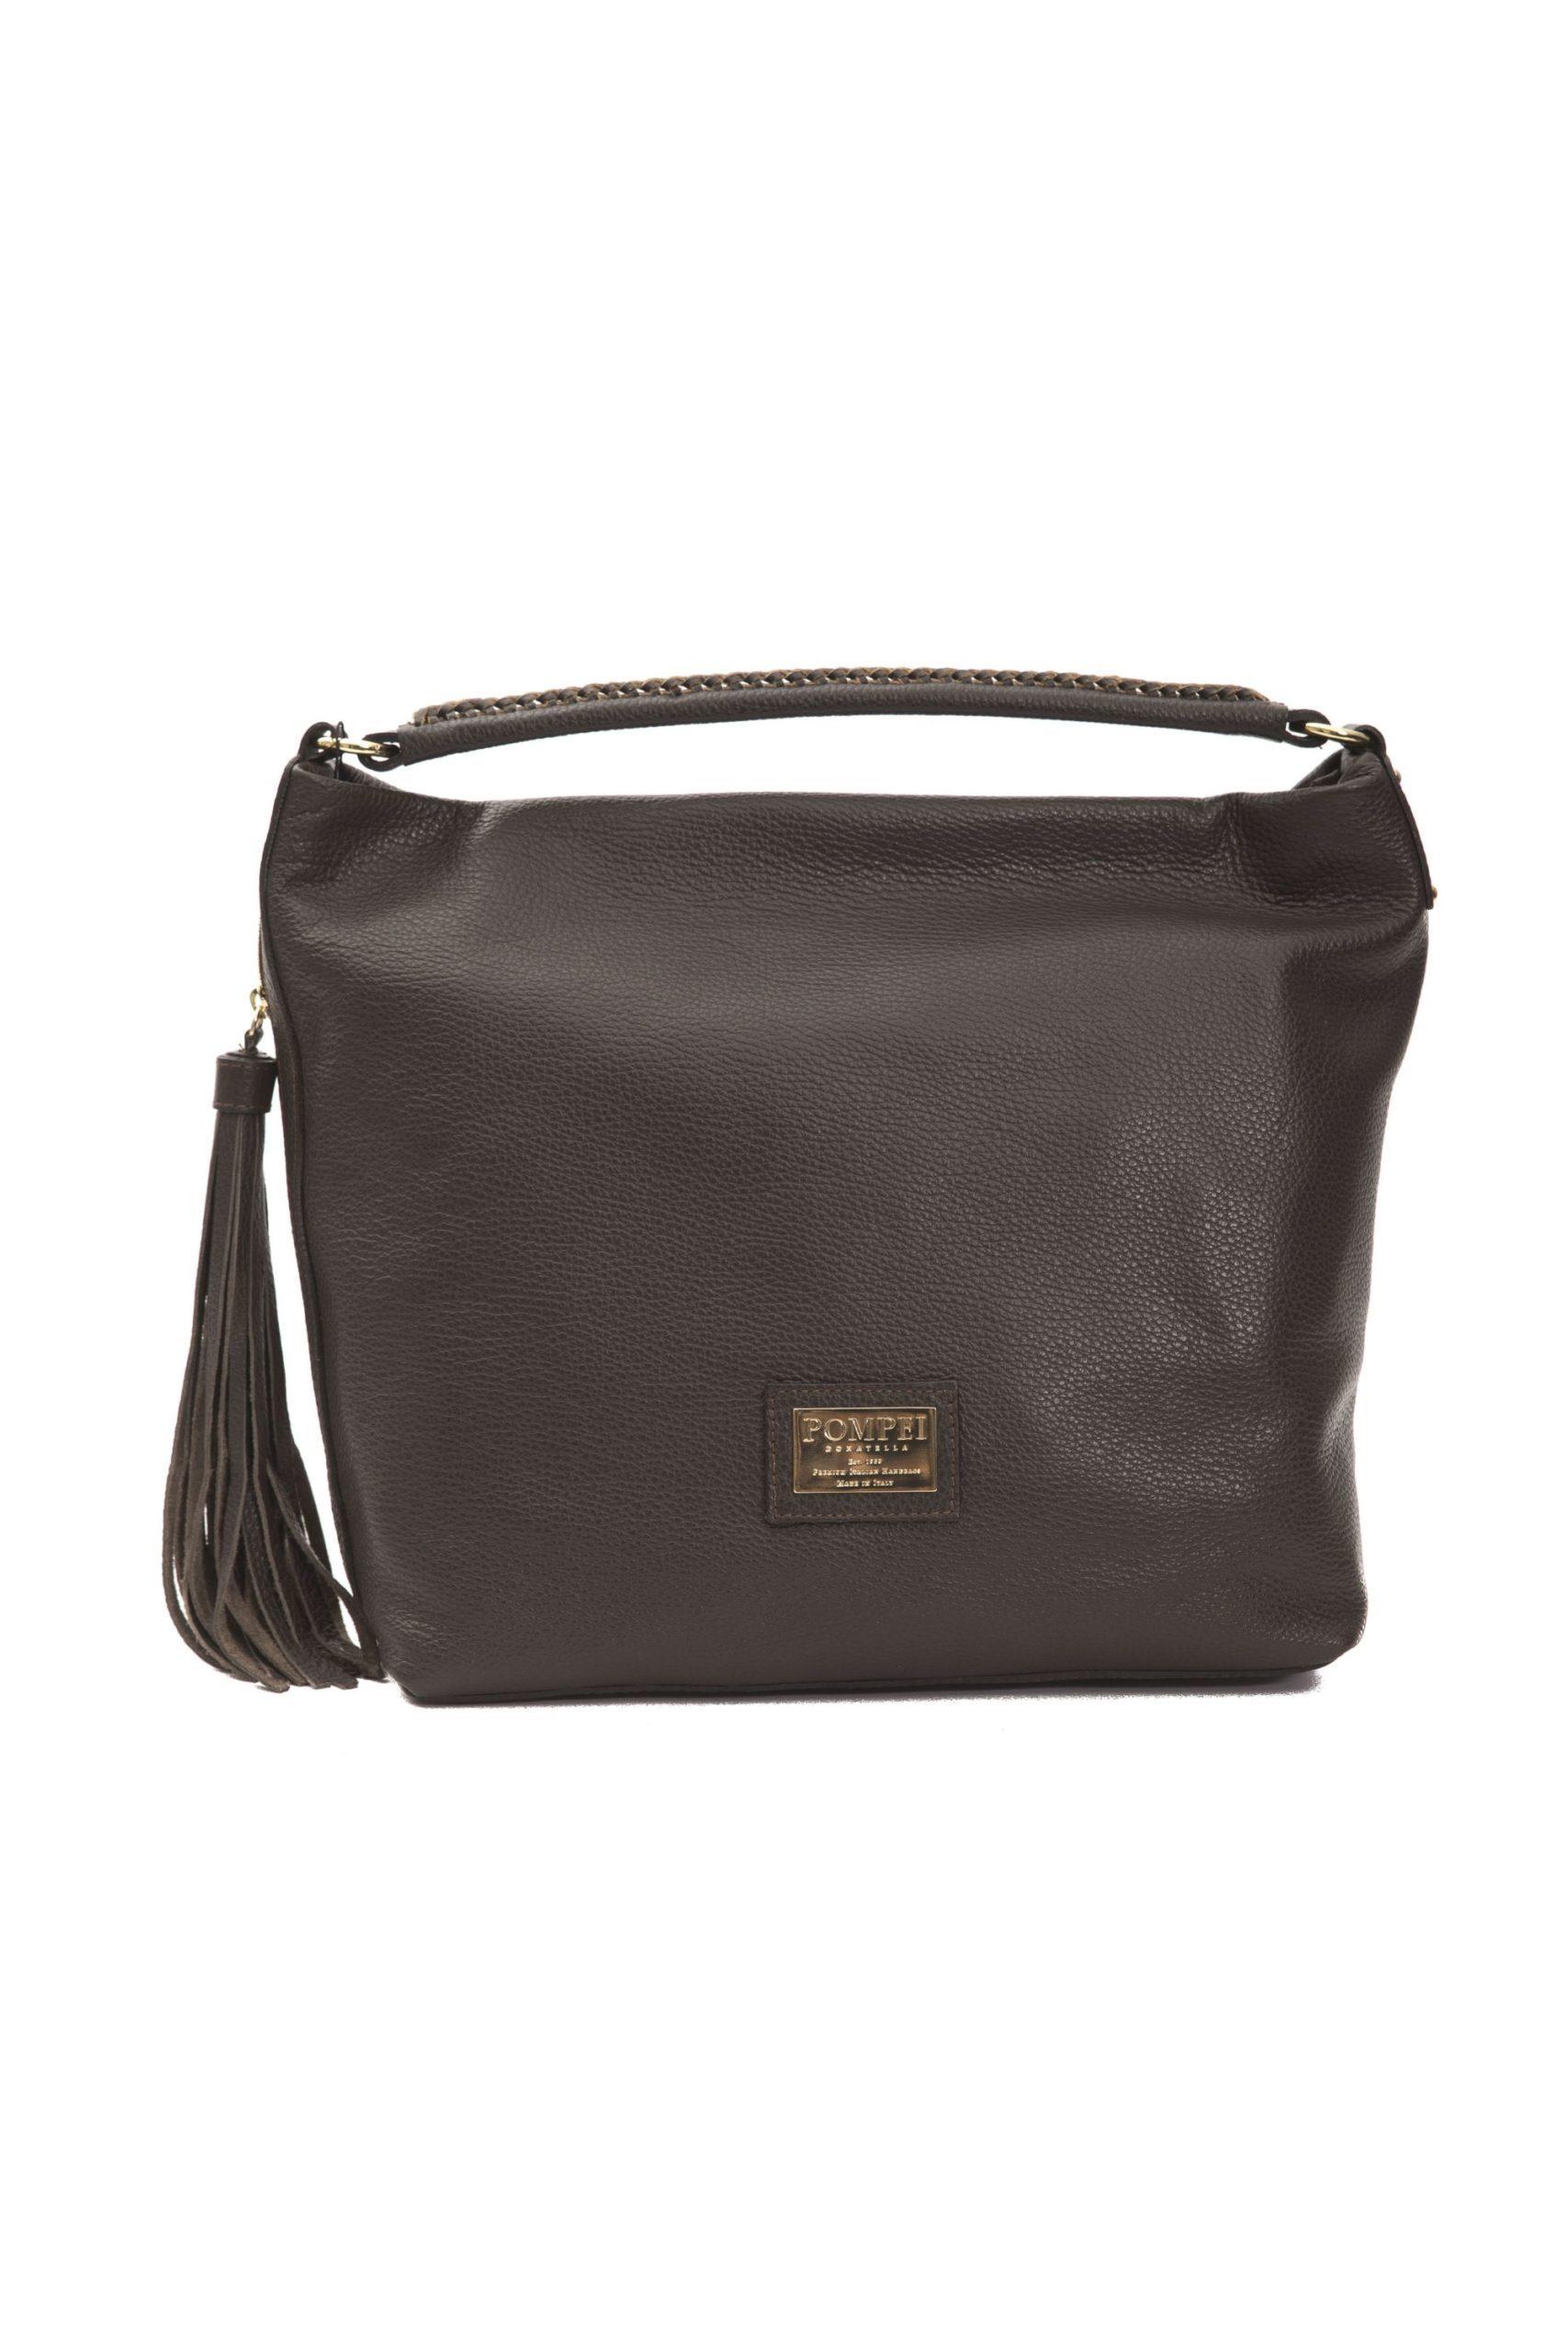 Pompei Donatella Women's Cioccolato Shoulder Bag Brown PO1004417